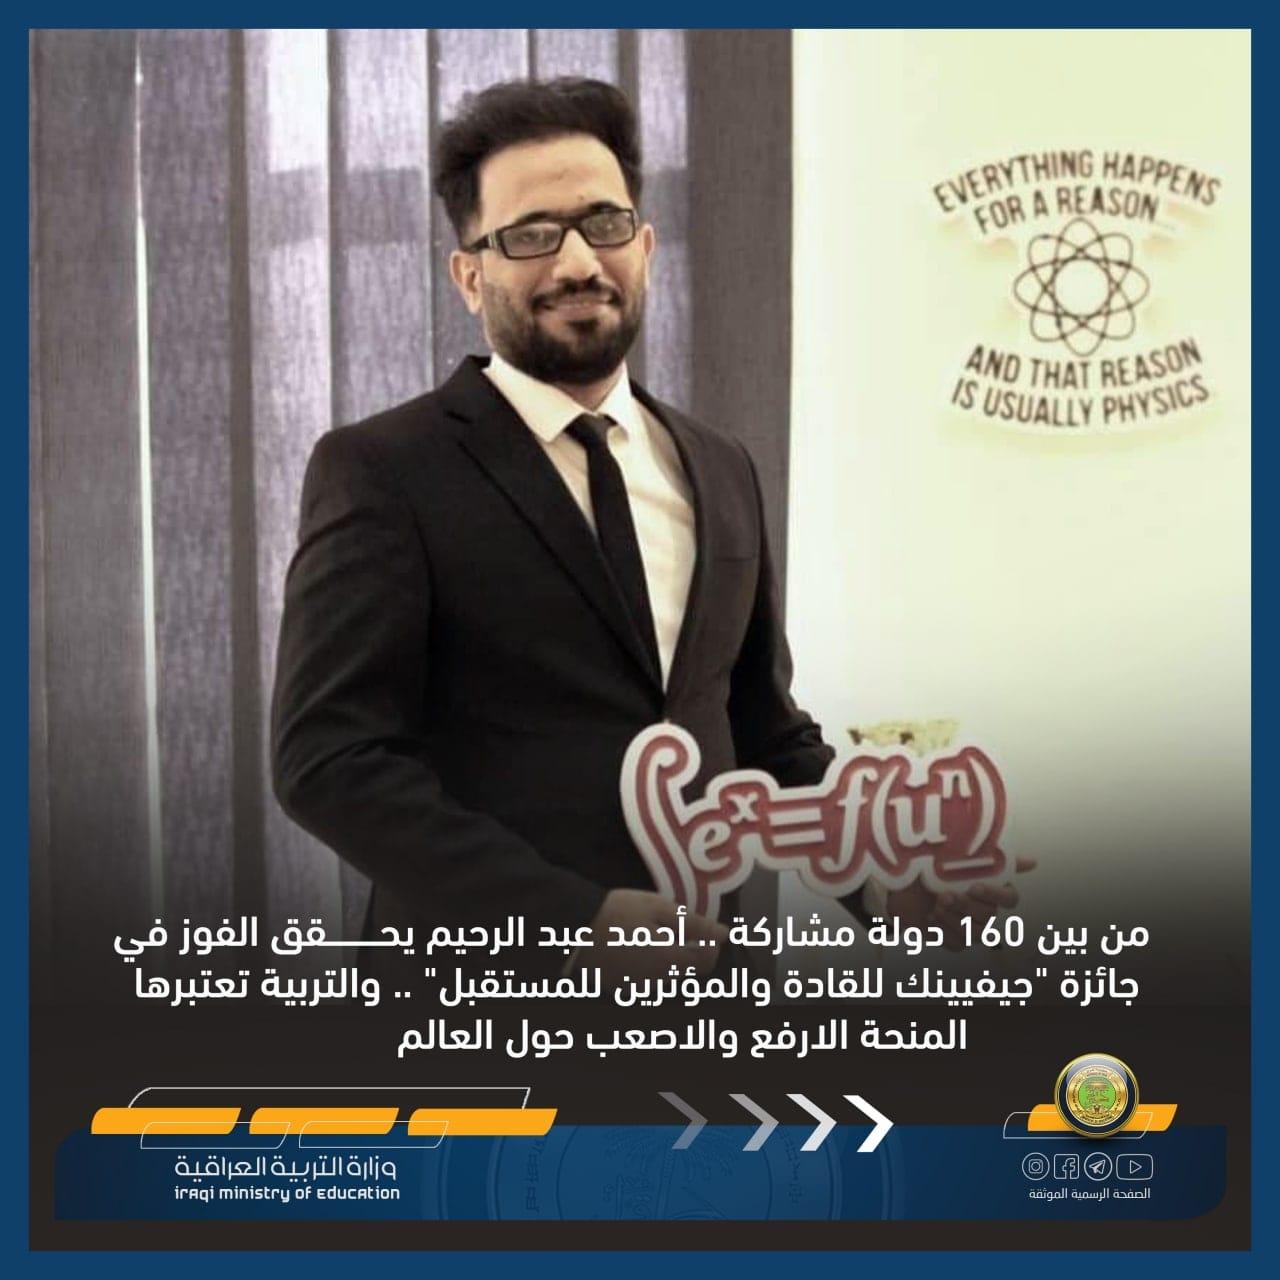 """أحمد عبد الرحيم يحقق الفوز في جائزة """"جيفيينك للقادة والمؤثرين للمستقبل"""" 228263985_1869449646597040_3869676631456873656_n"""